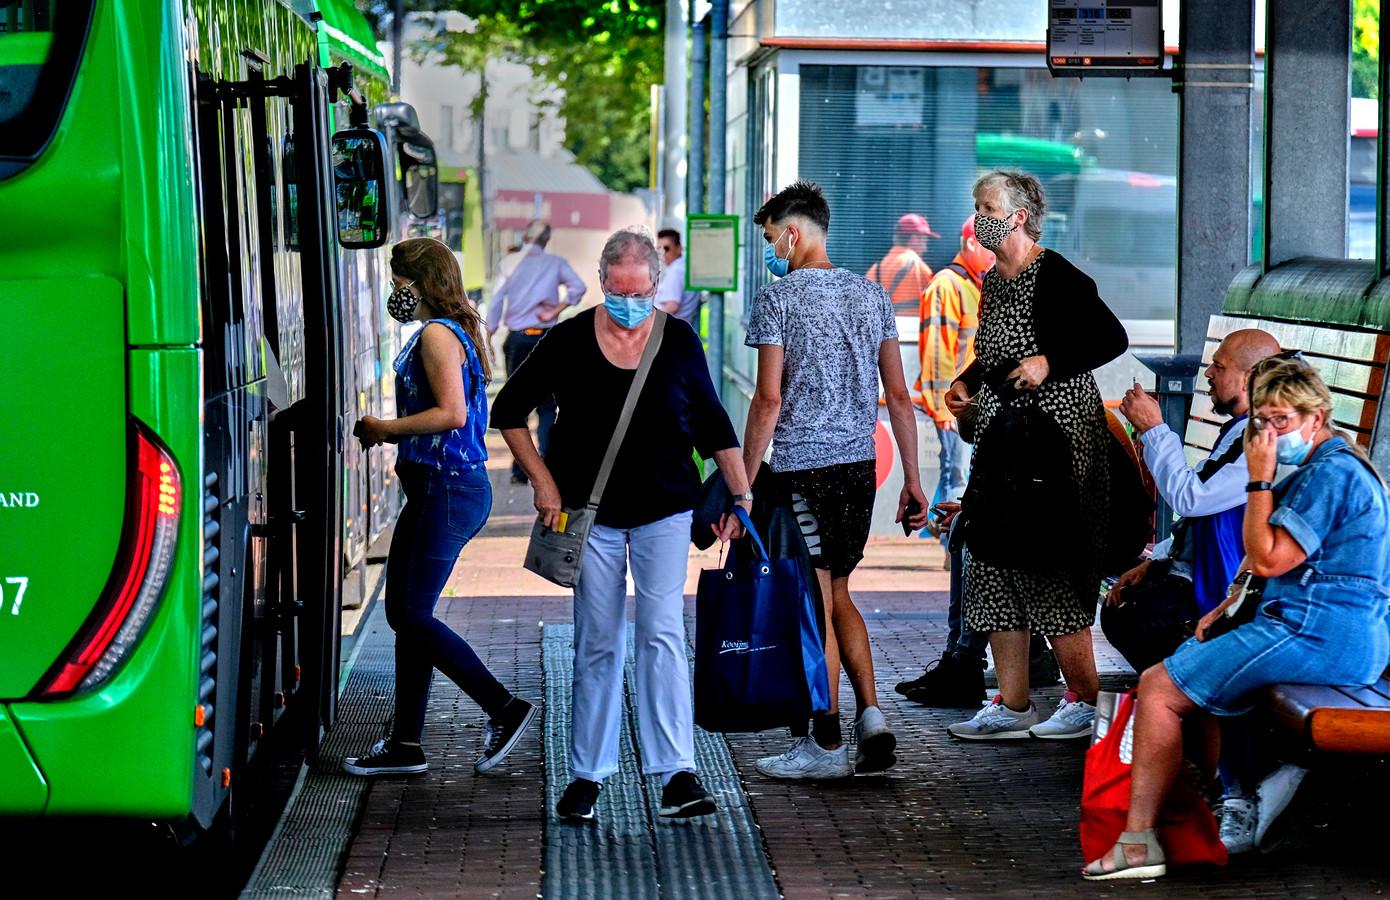 Afgelopen zomer werd de bus nog redelijk gebruikt, maar door de nieuwe lockdown is het aantal reizigers met 65 procent afgenomen.